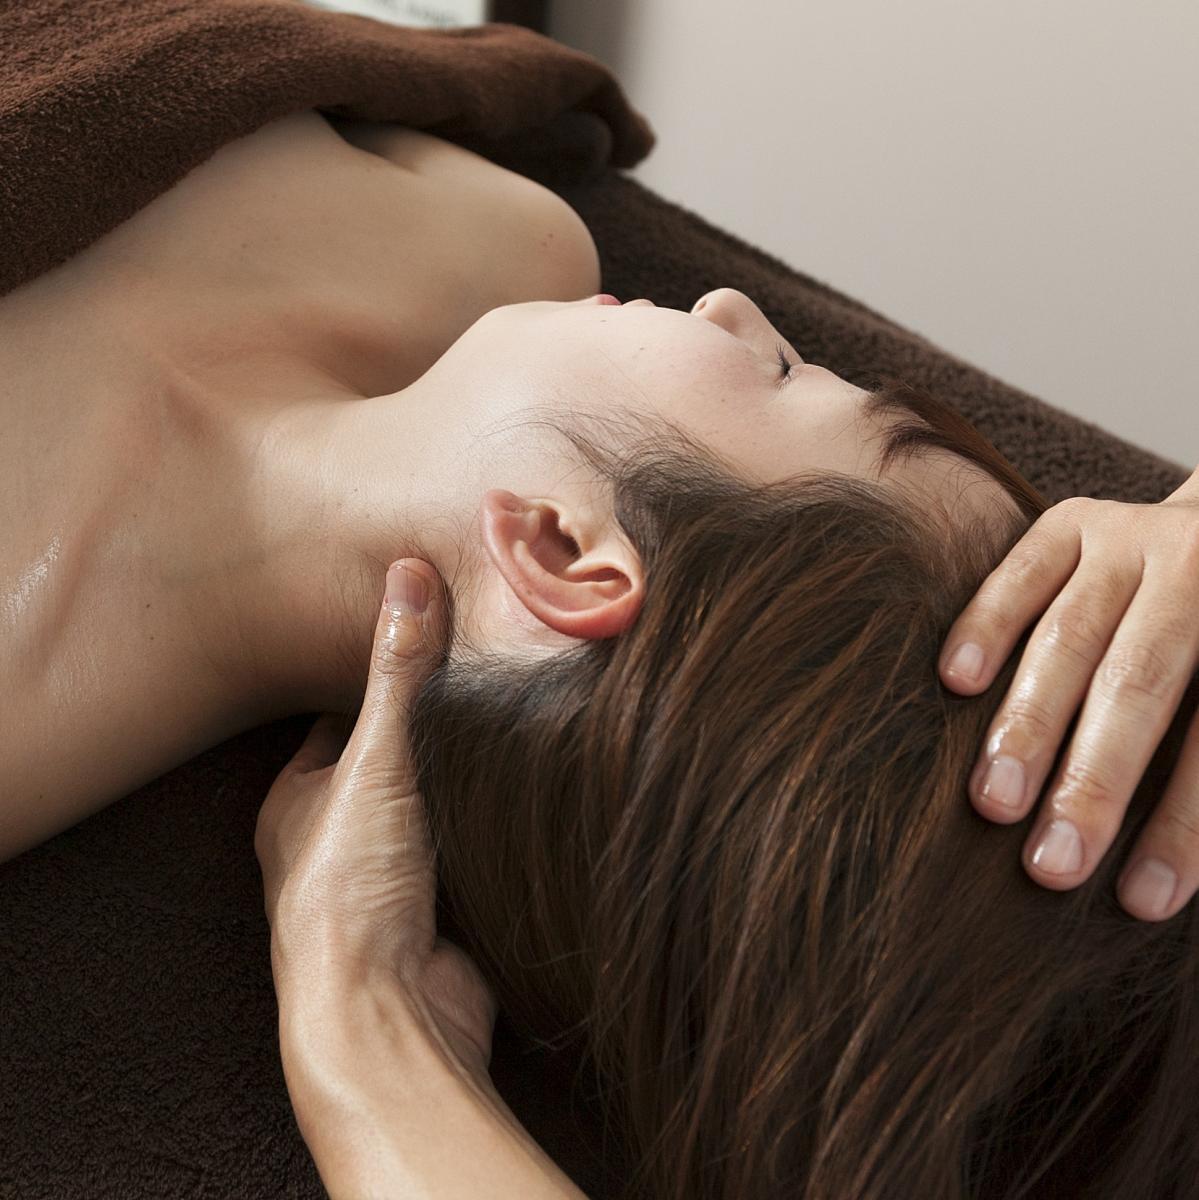 【肩首コリ・頭痛・眼精疲労に】アロマで肩・首・ヘッドマッサージ(ホットストーン付き)        のイメージ